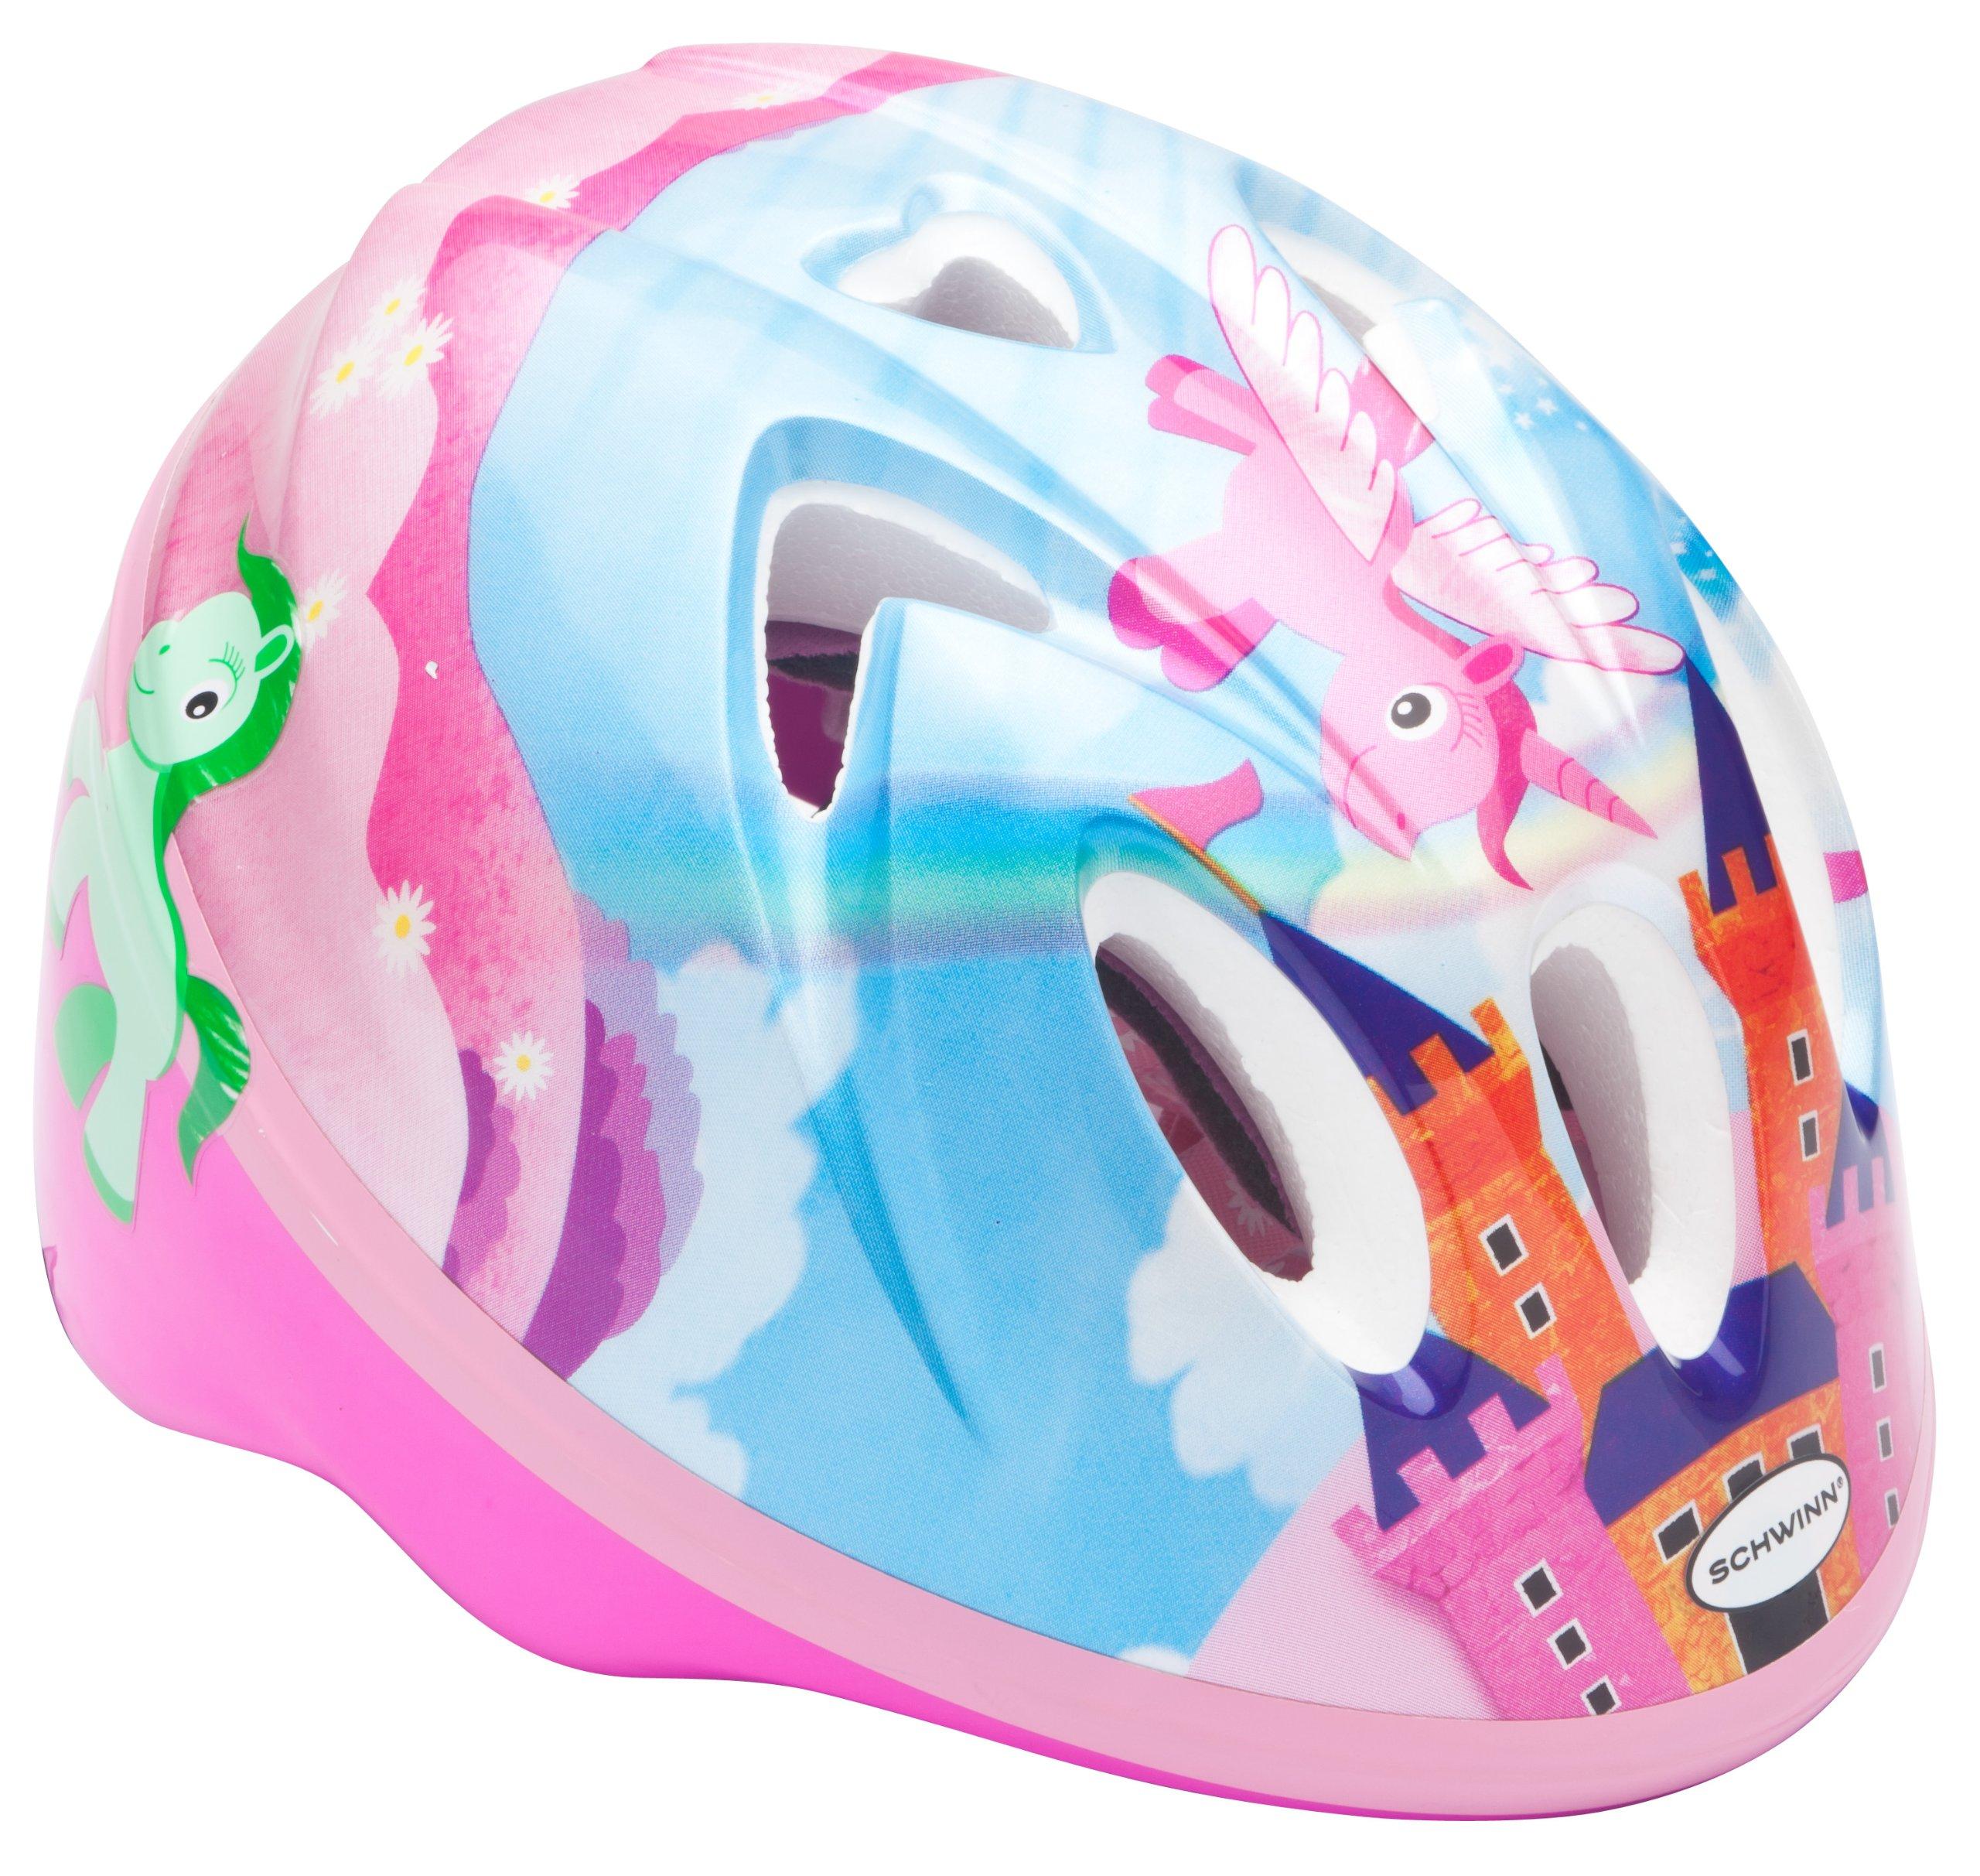 Schwinn Infant Helmet, Unicorn